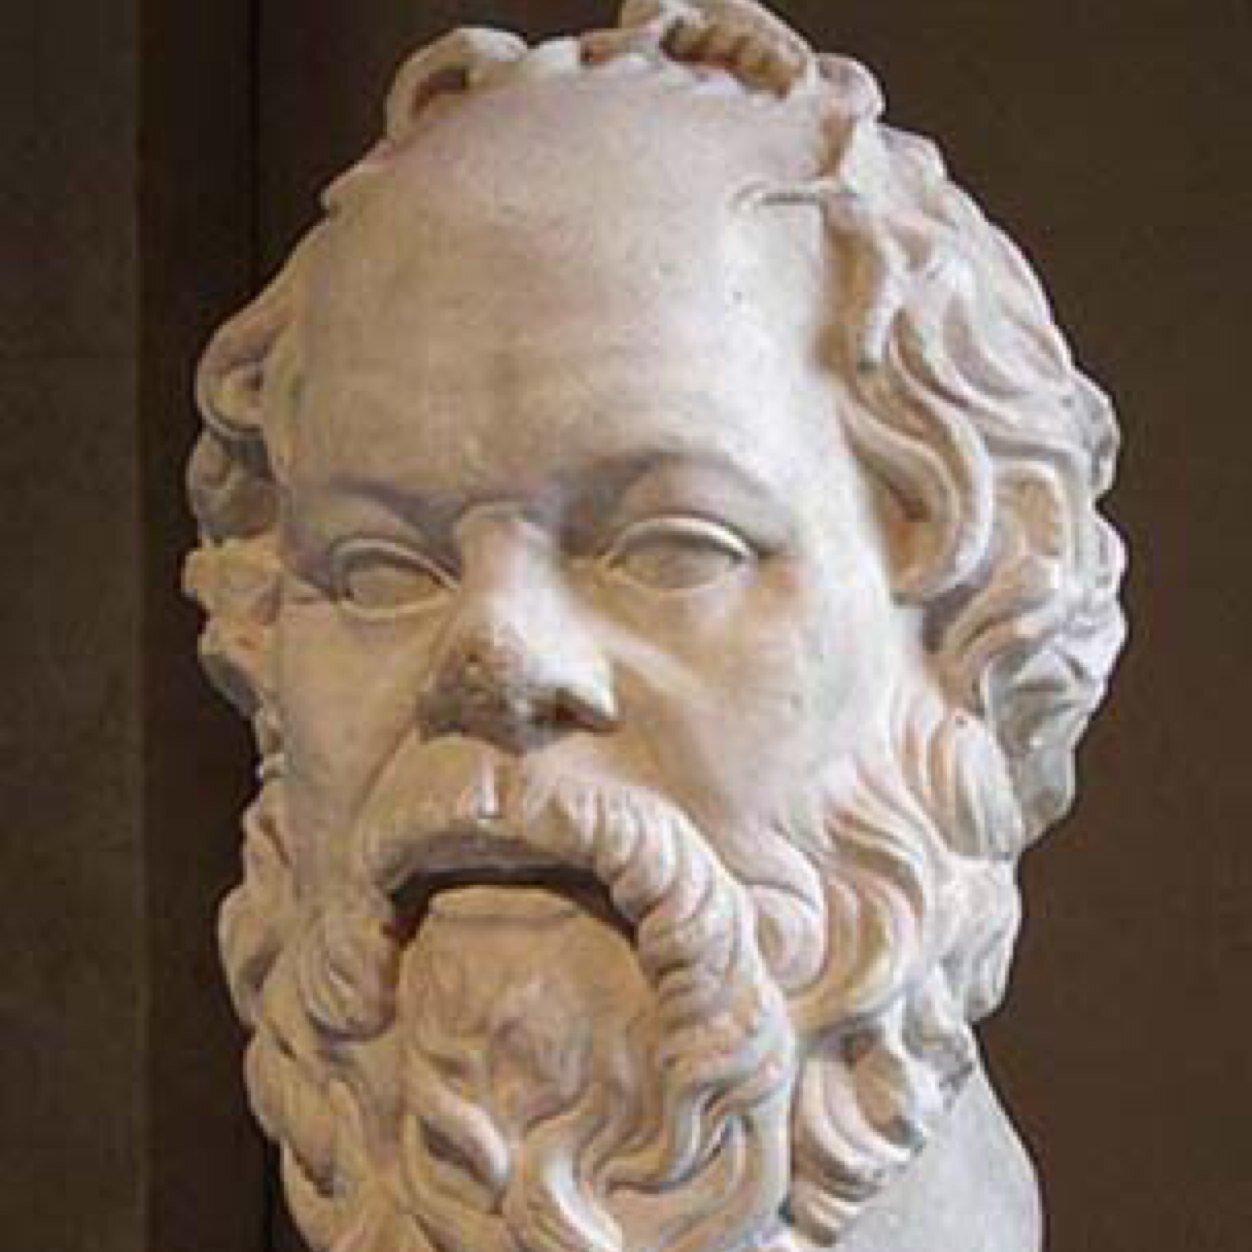 ソクラテス「バナナってなに?」偉い人「は?バナナ知らんの?」